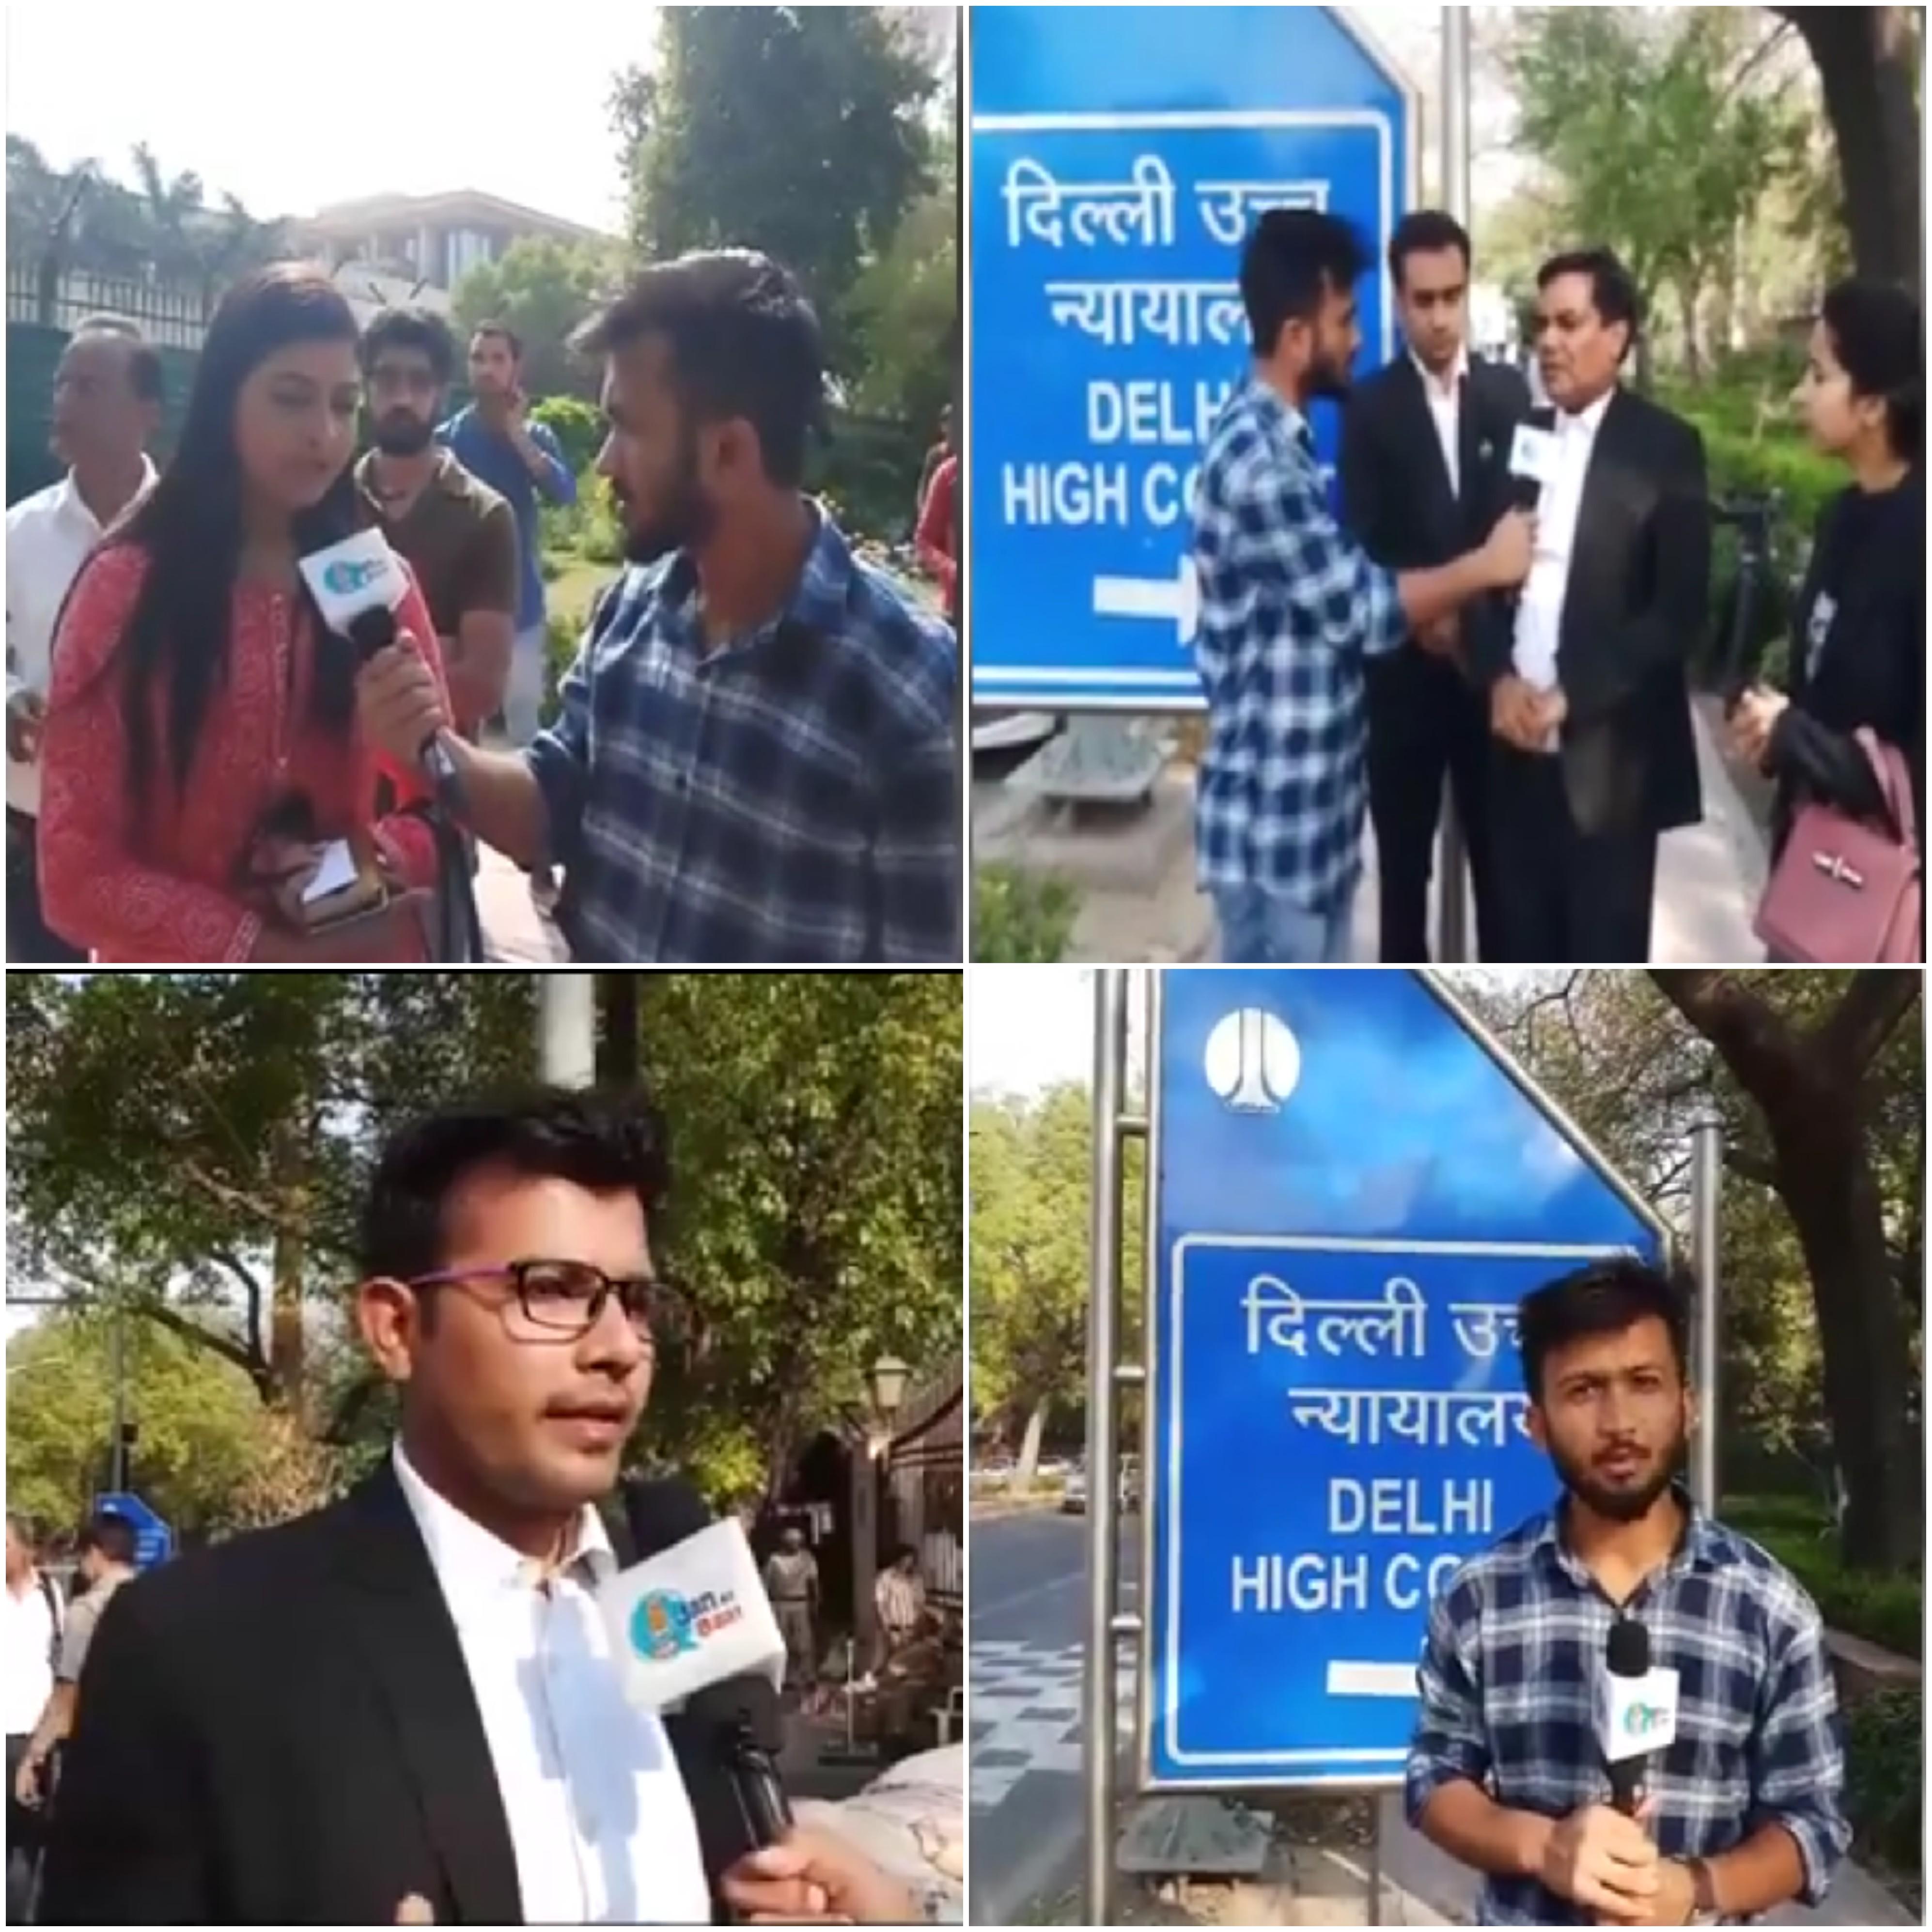 दिल्ली हाई कोर्ट के आप के 20 विधायकों पर फैसले के बाद हमने की अलका लांबा से बातचीत